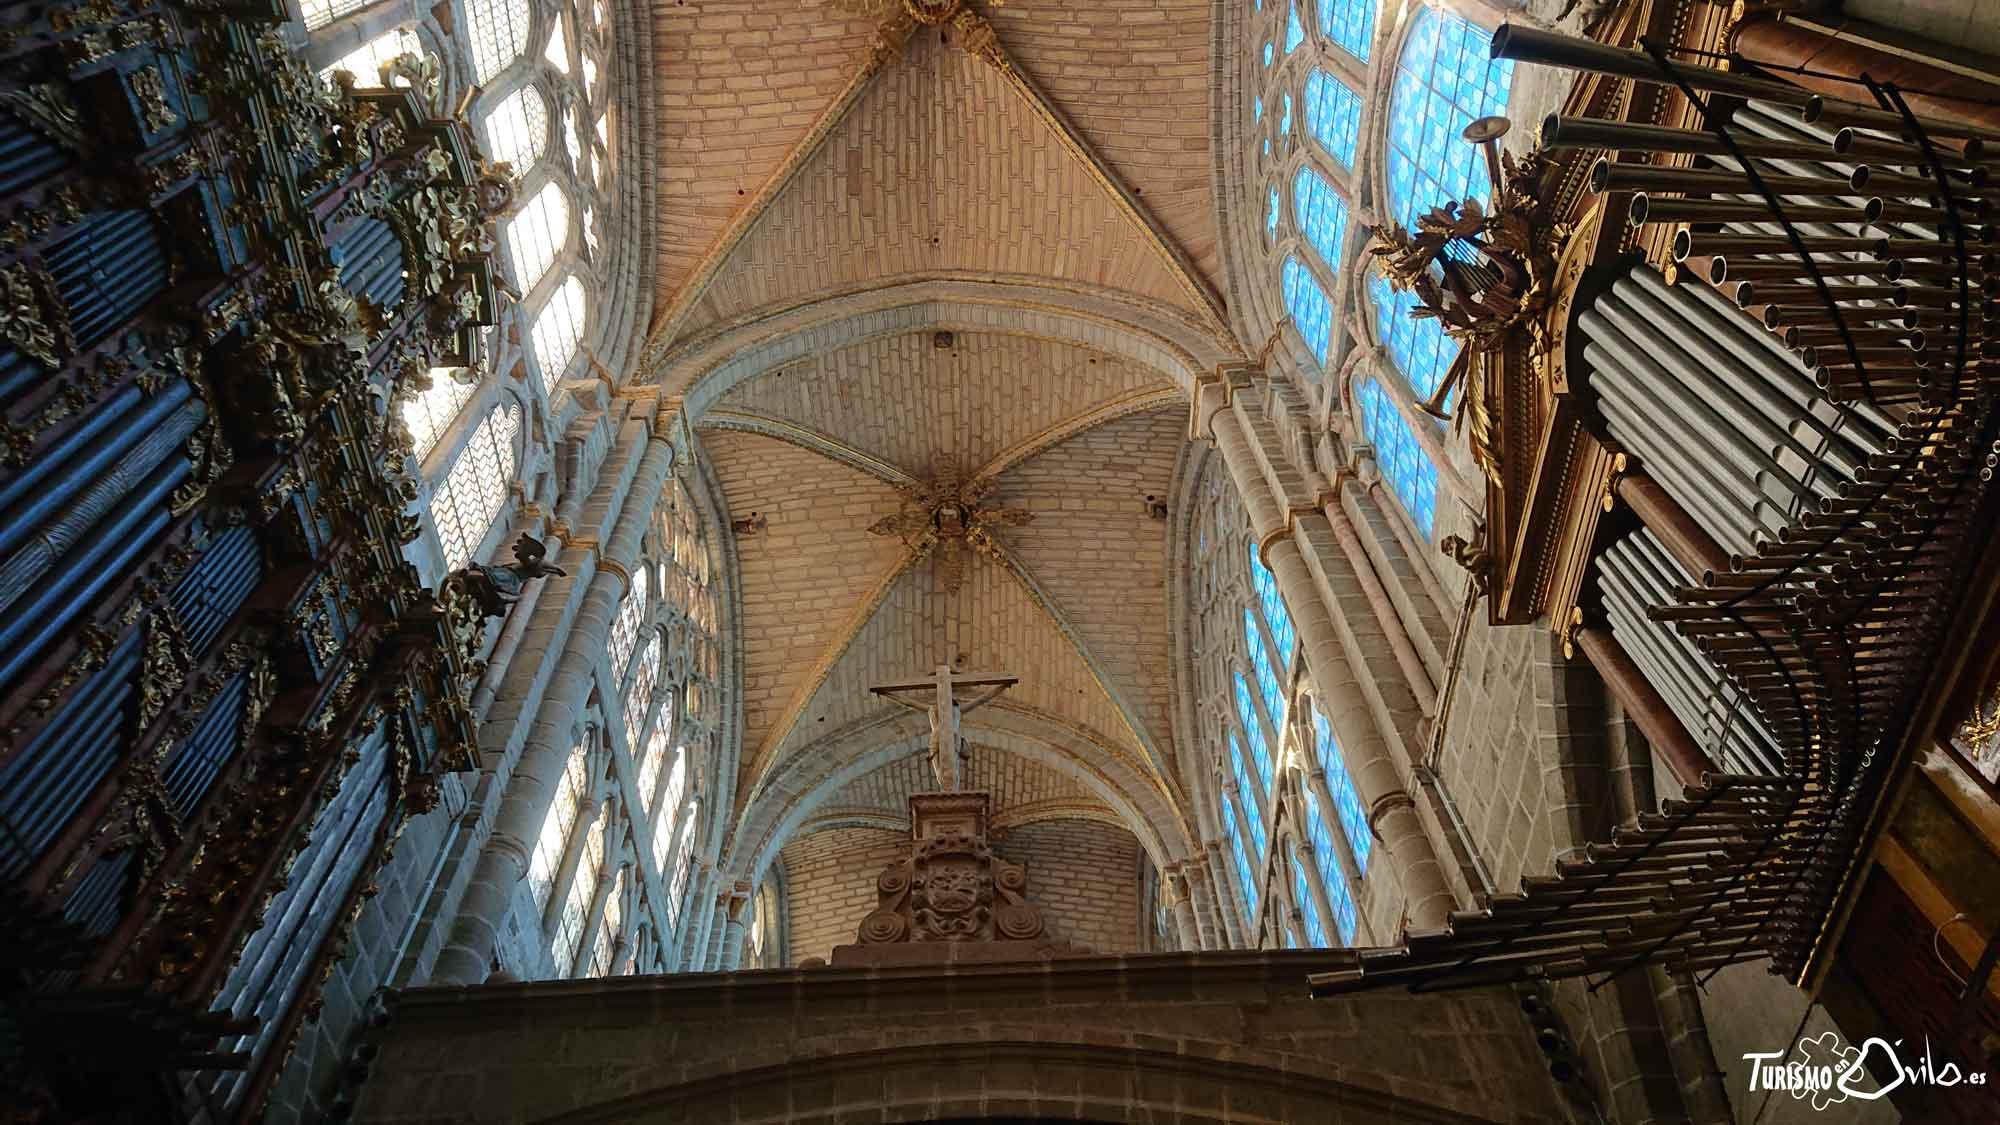 Qué ver en Ávila: su Catedral. La Catedral de El Salvador, otro de los edificios a destacar en esta visita por la ciudad